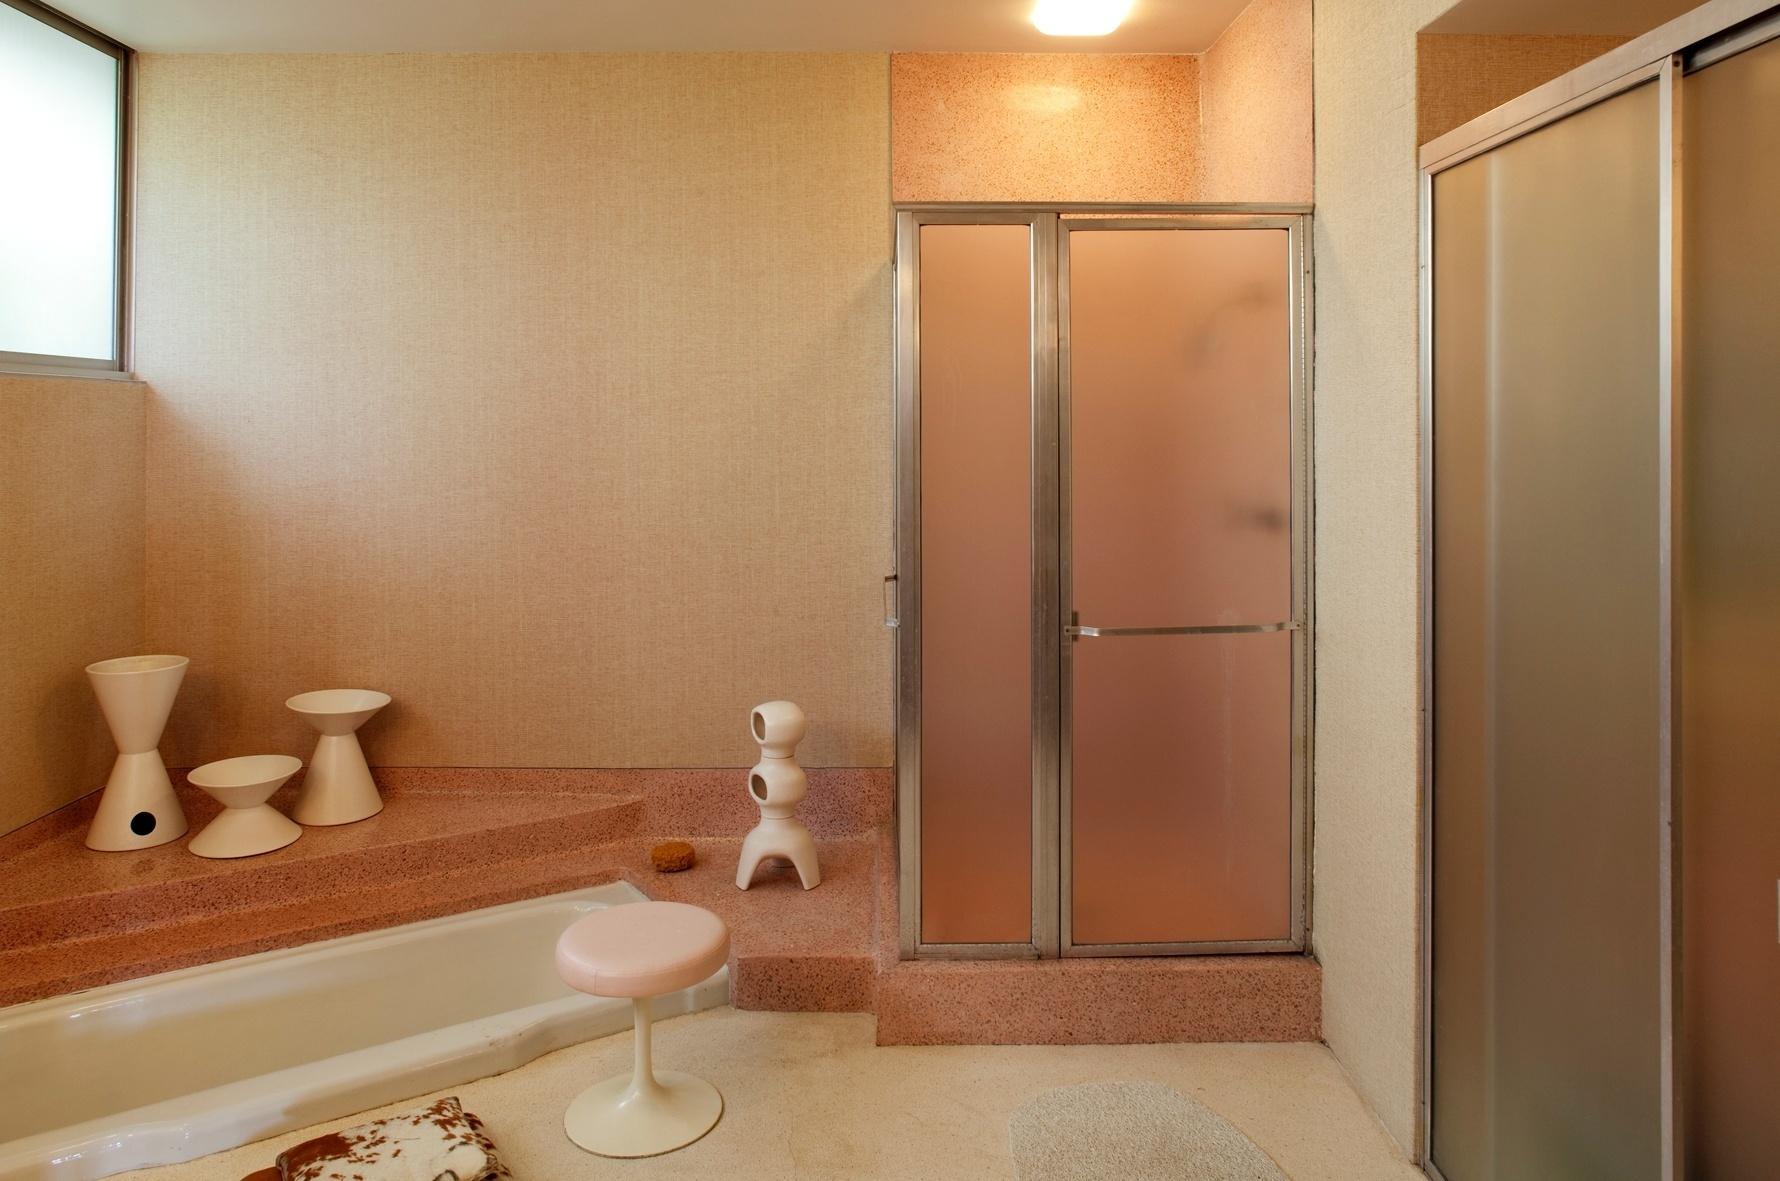 O estilo sessentista está no piso e paredes em granilite cor de rosa para o chuveiro e a banheira. O restante do chão levou  granilite bege claro. O banco Saarinen é um dos exemplos de uma quase obsessão do proprietário, o restaurador e arquiteto Michael Boyd, por elementos modernistas. A casa Joseph Strick tem arquitetura de Oscar Niemeyer e fica em Santa Monica, na Califórnia